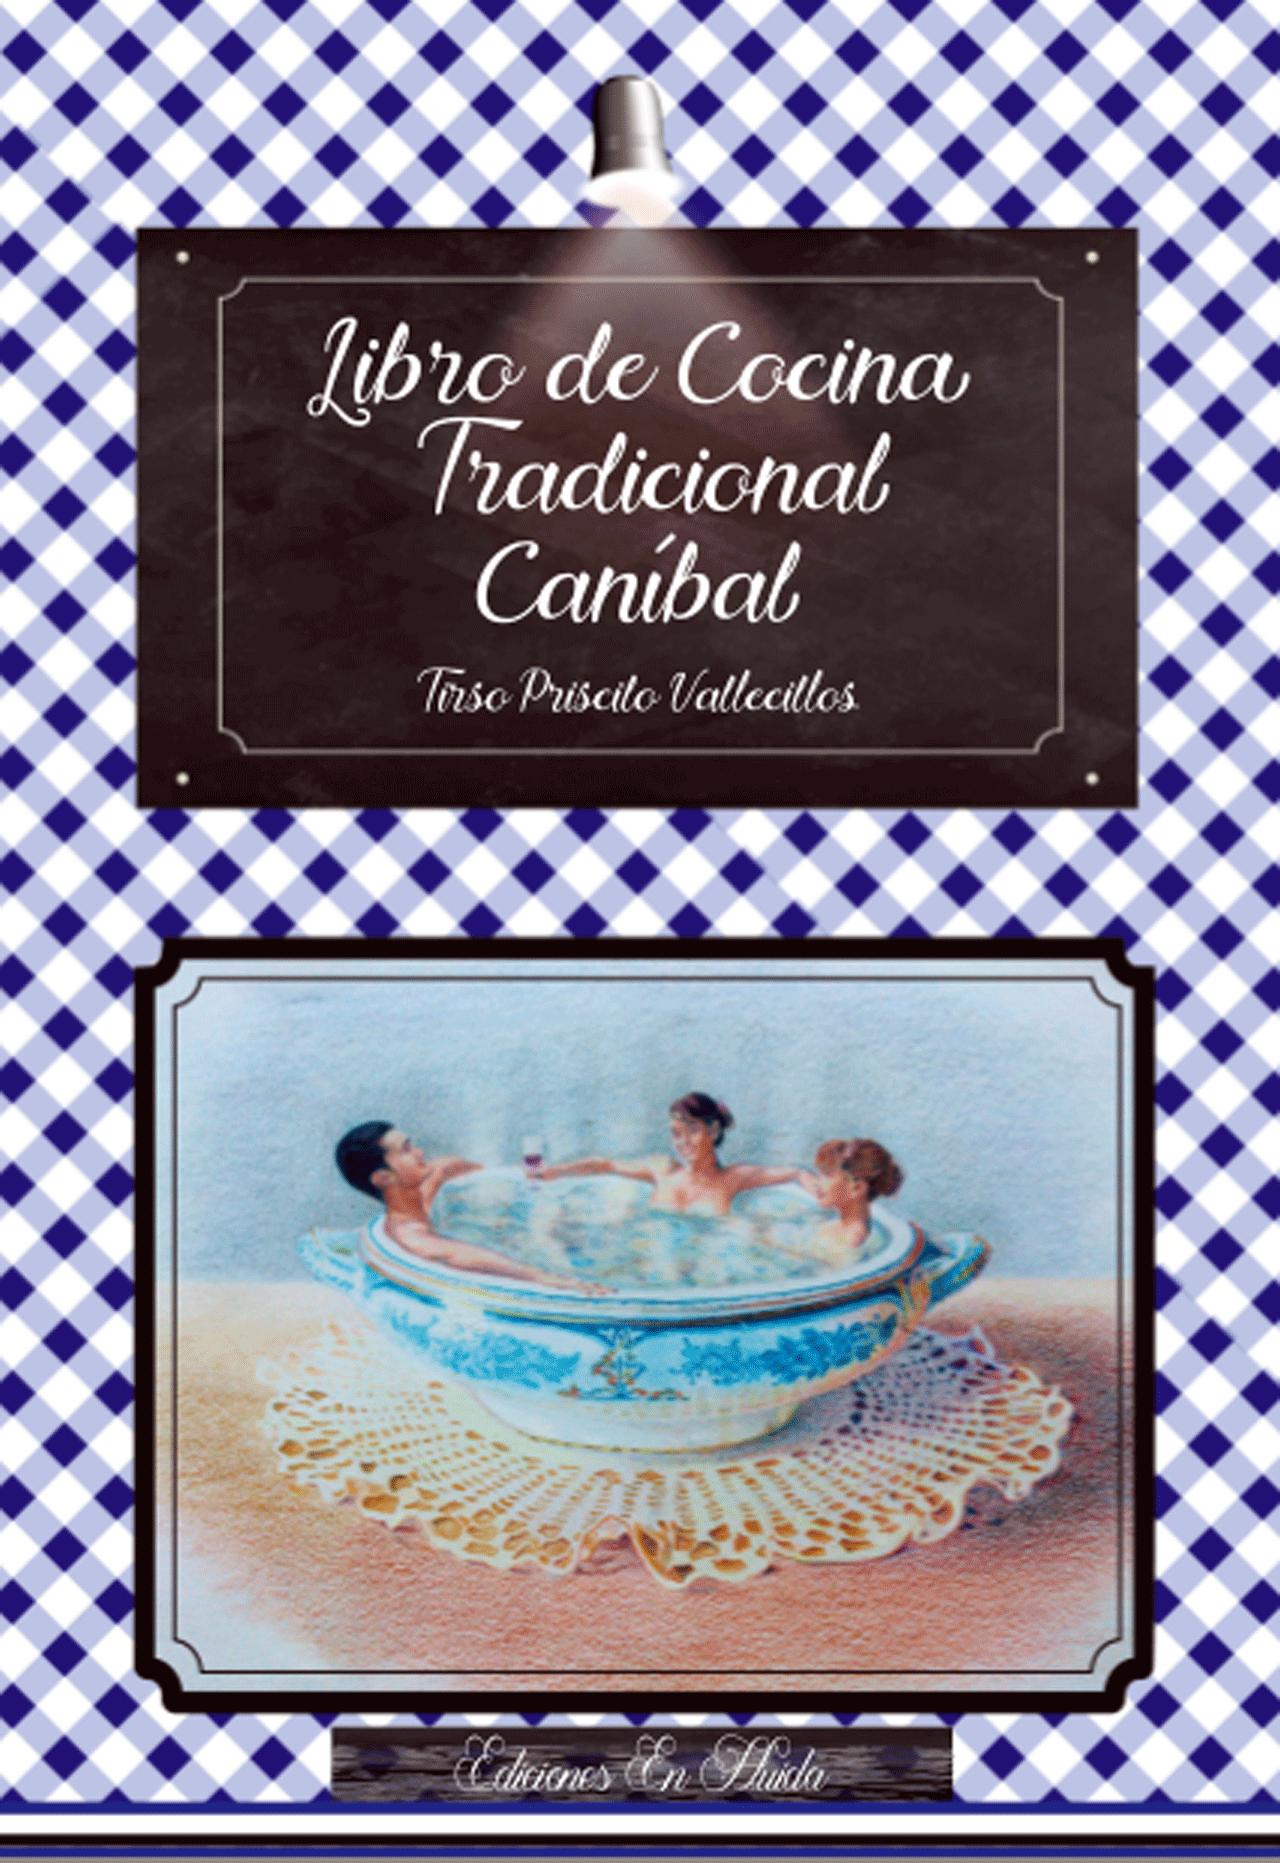 Libro de Cocina Tradicional Caníbal